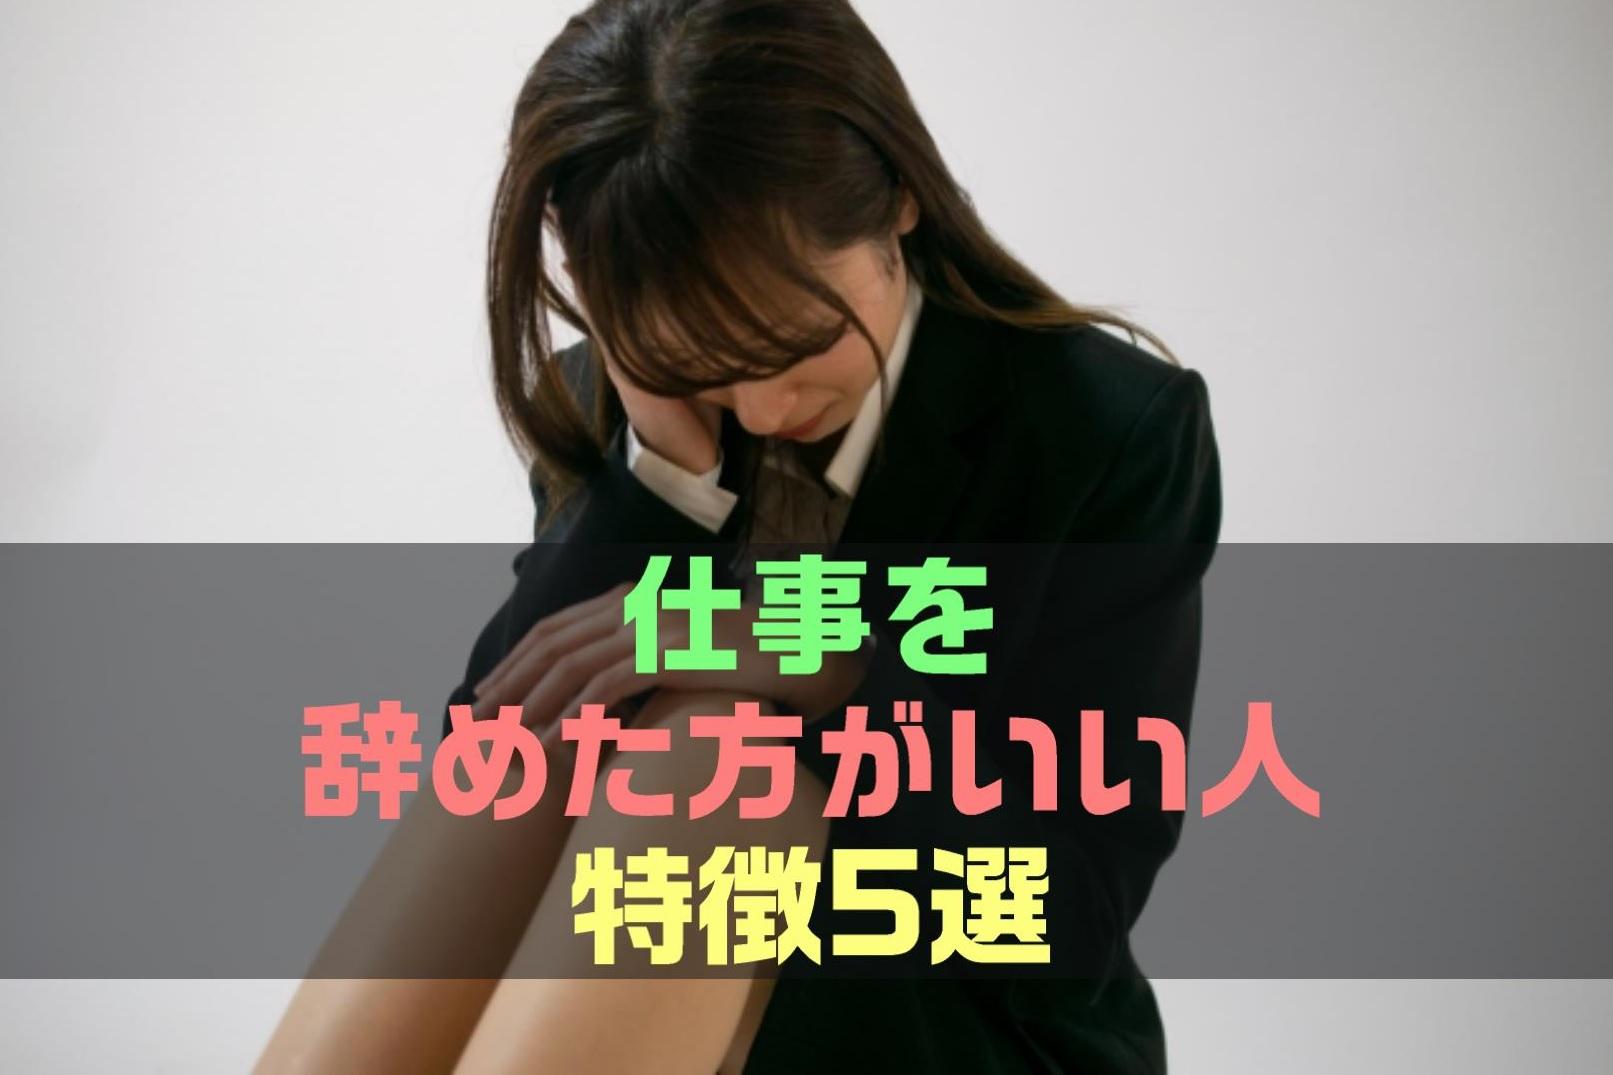 【決定版】仕事を辞めた方がいい人の特徴5選|転職の考え時